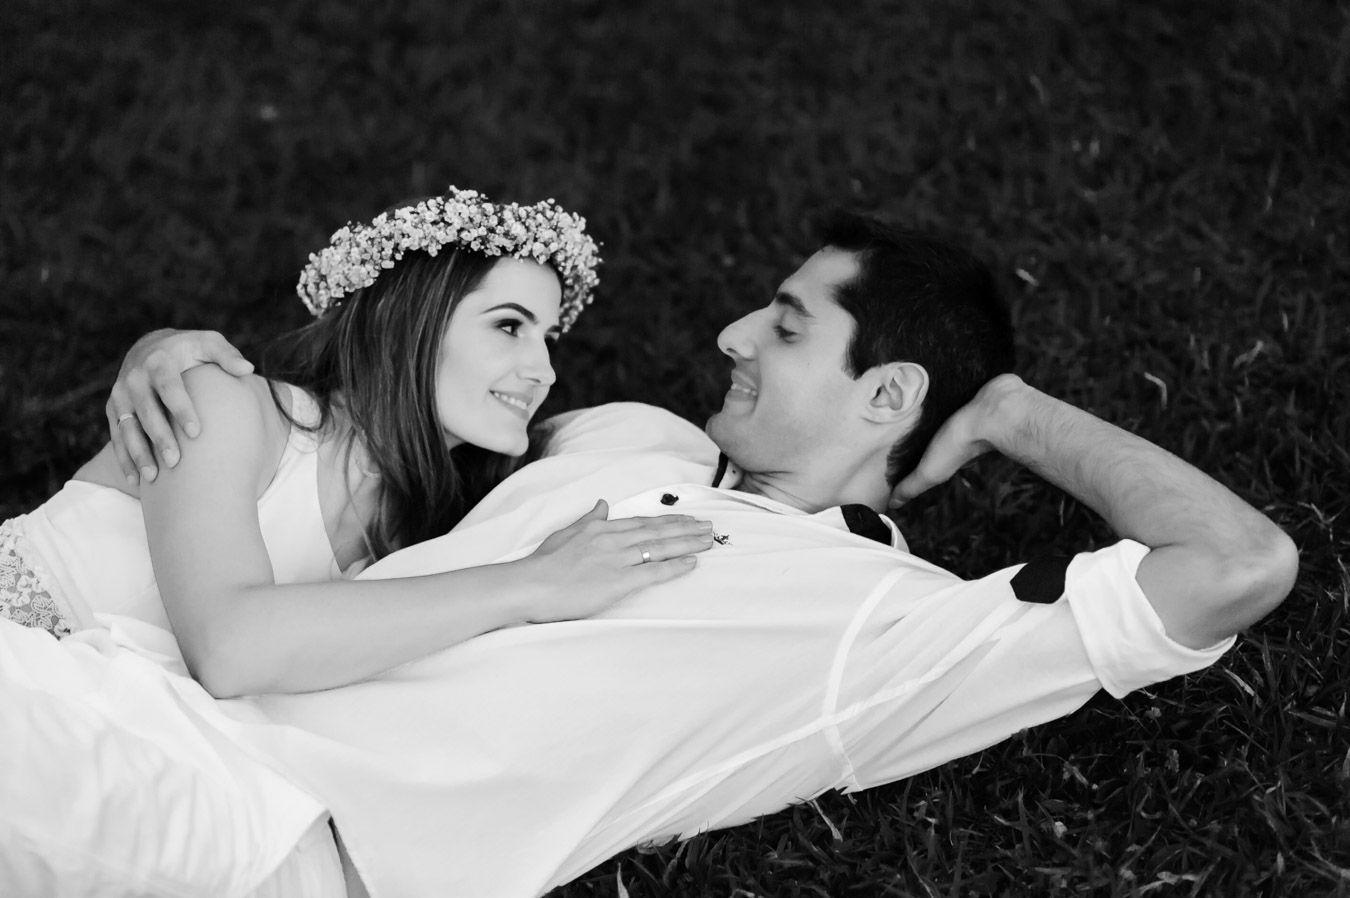 acesse www.fotografe.art.br fotógrafos de casamento. Siga nosso instagram Love love love..